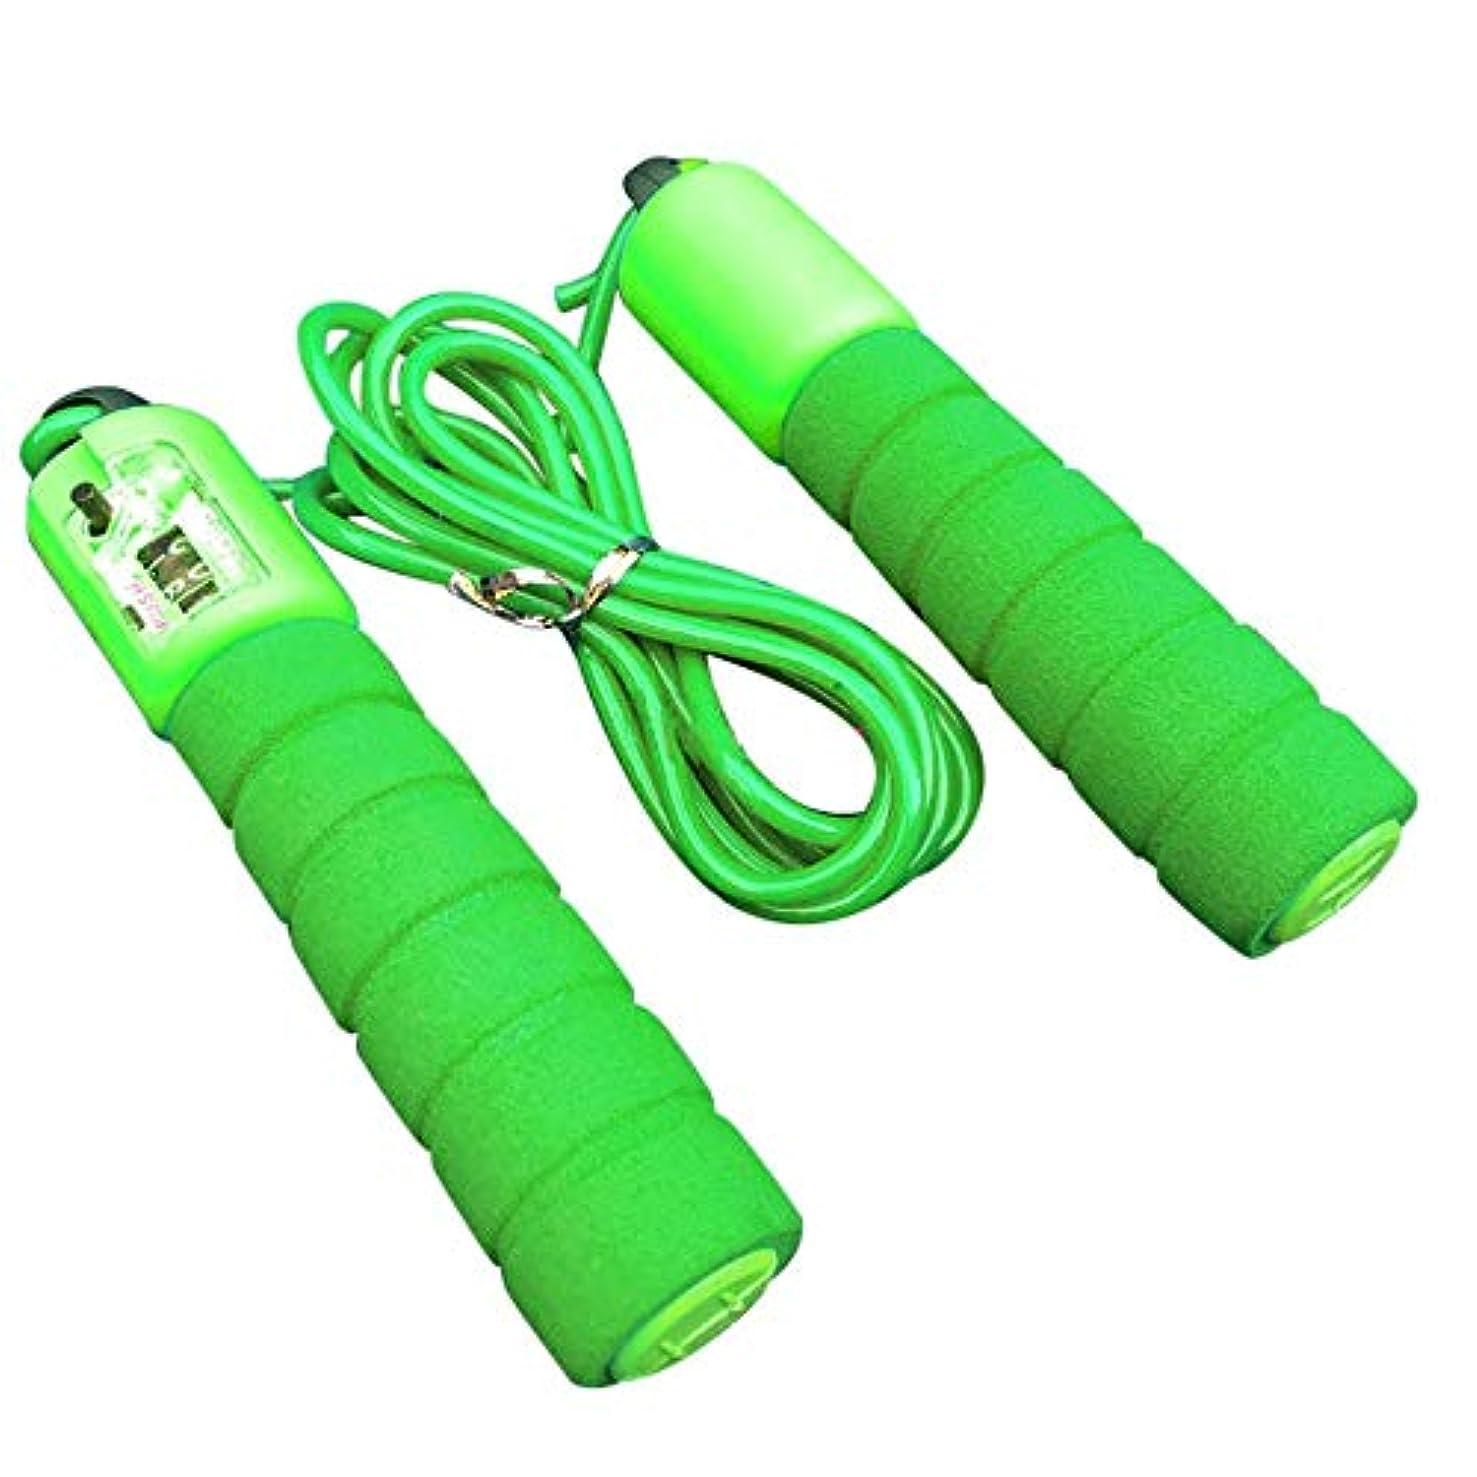 ヘルパー払い戻し野生調節可能なプロフェッショナルカウント縄跳び自動カウントジャンプロープフィットネス運動高速カウントジャンプロープ - グリーン